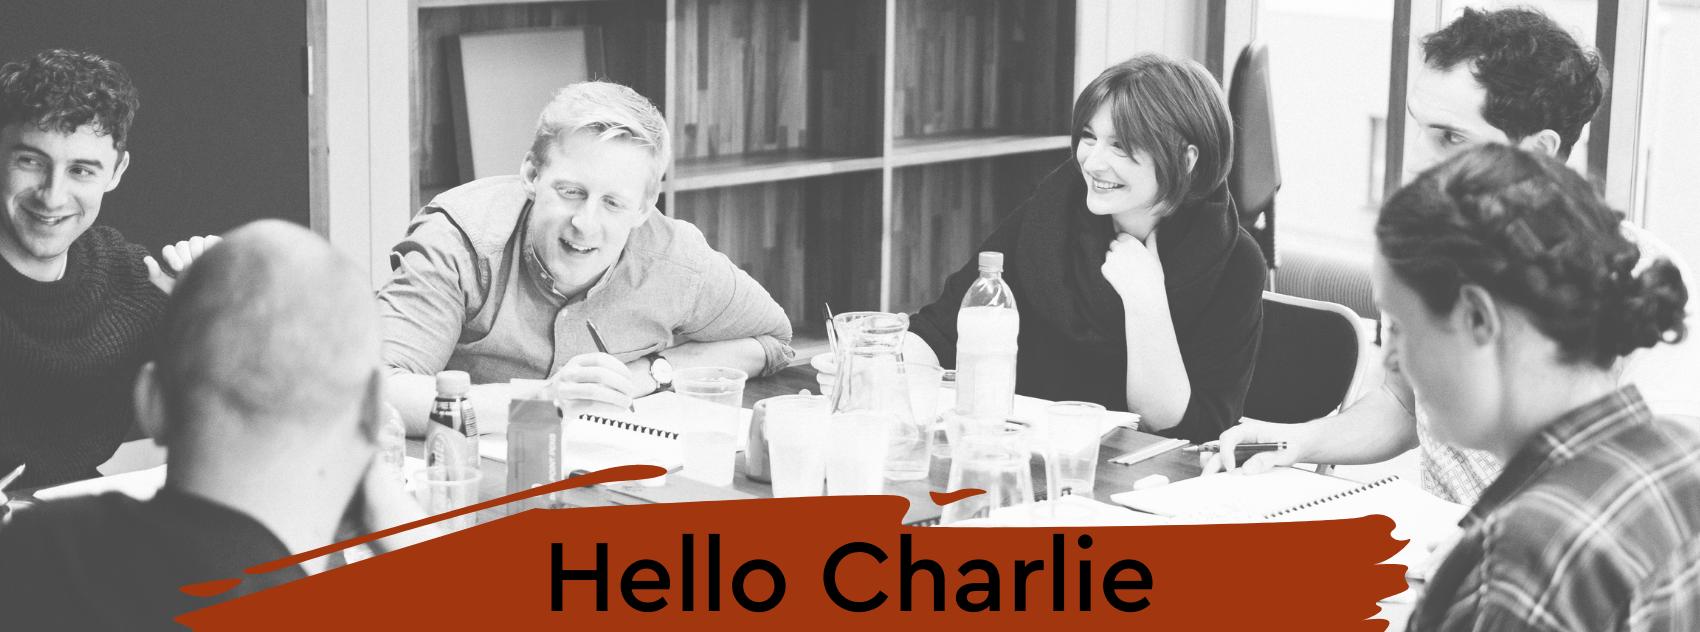 Hello Charlie Hero 2